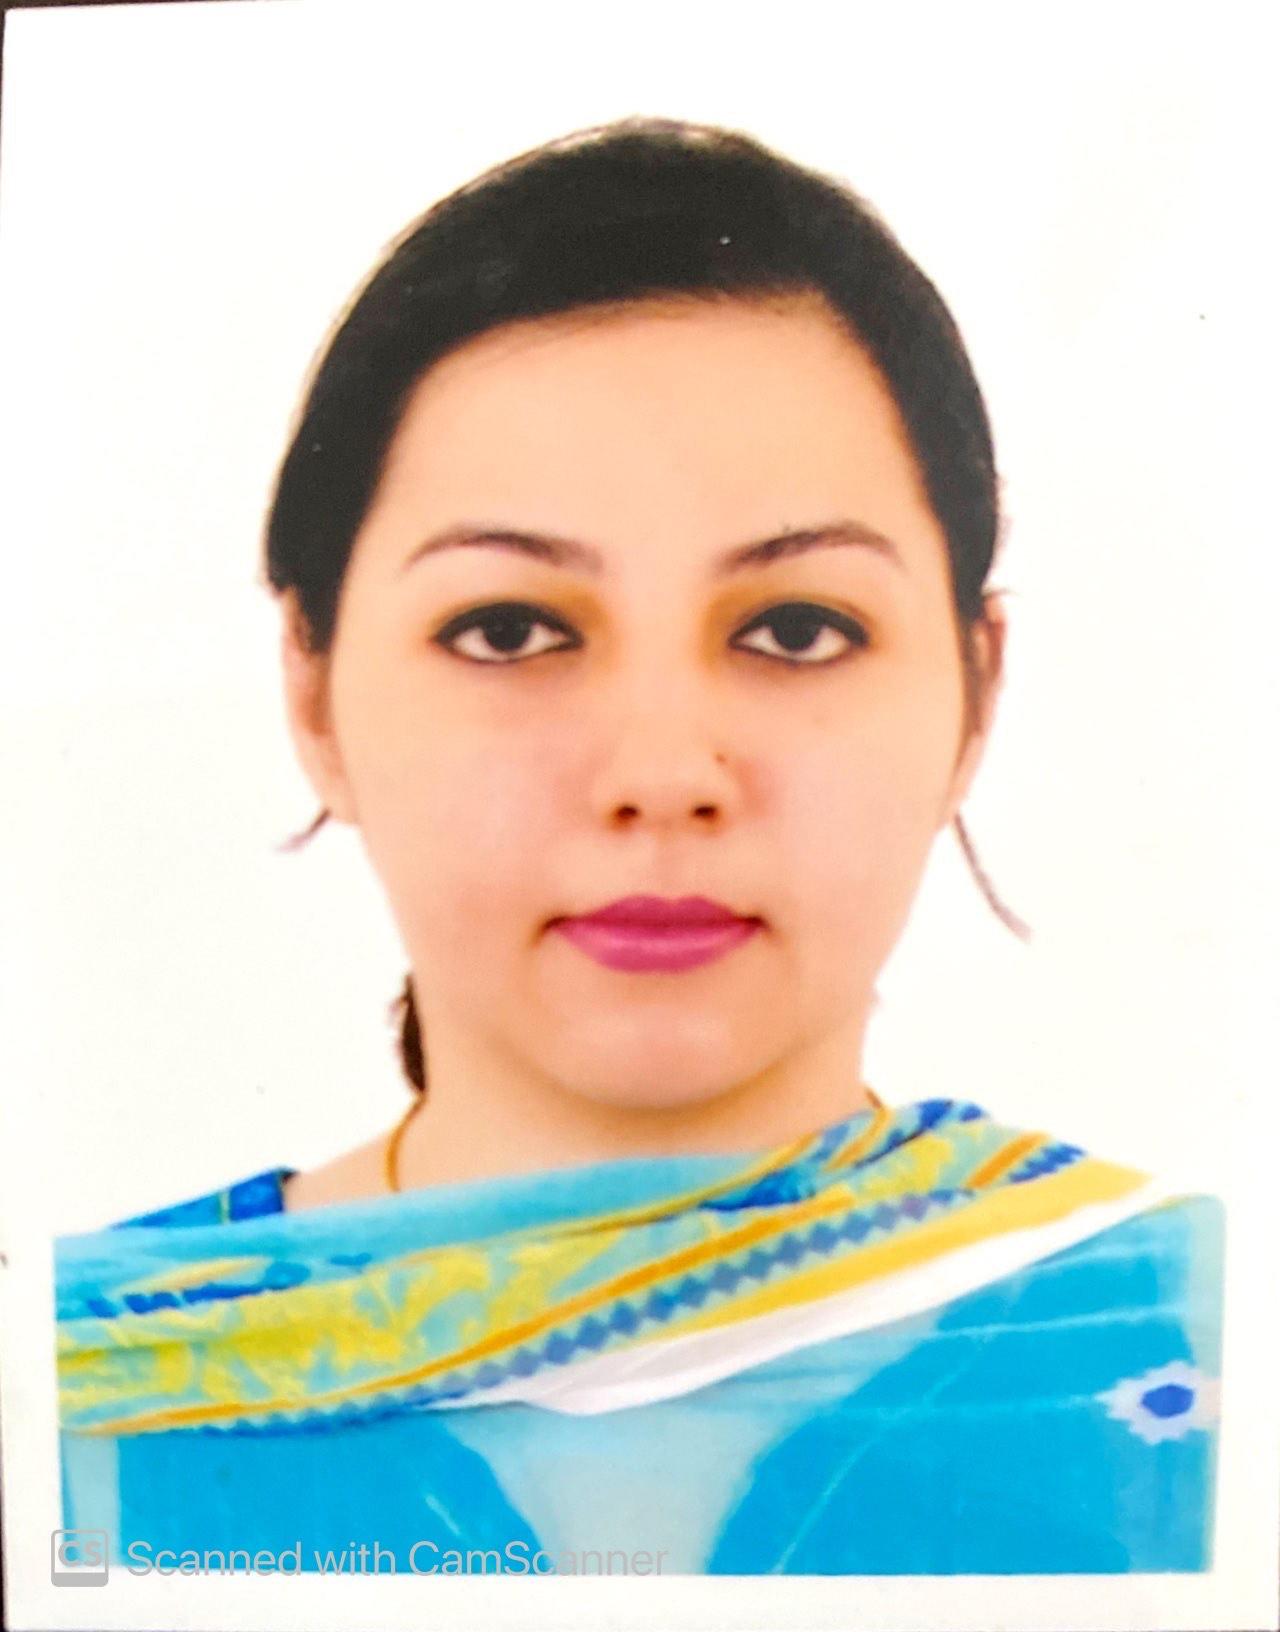 Ms. Benazir Ejaz